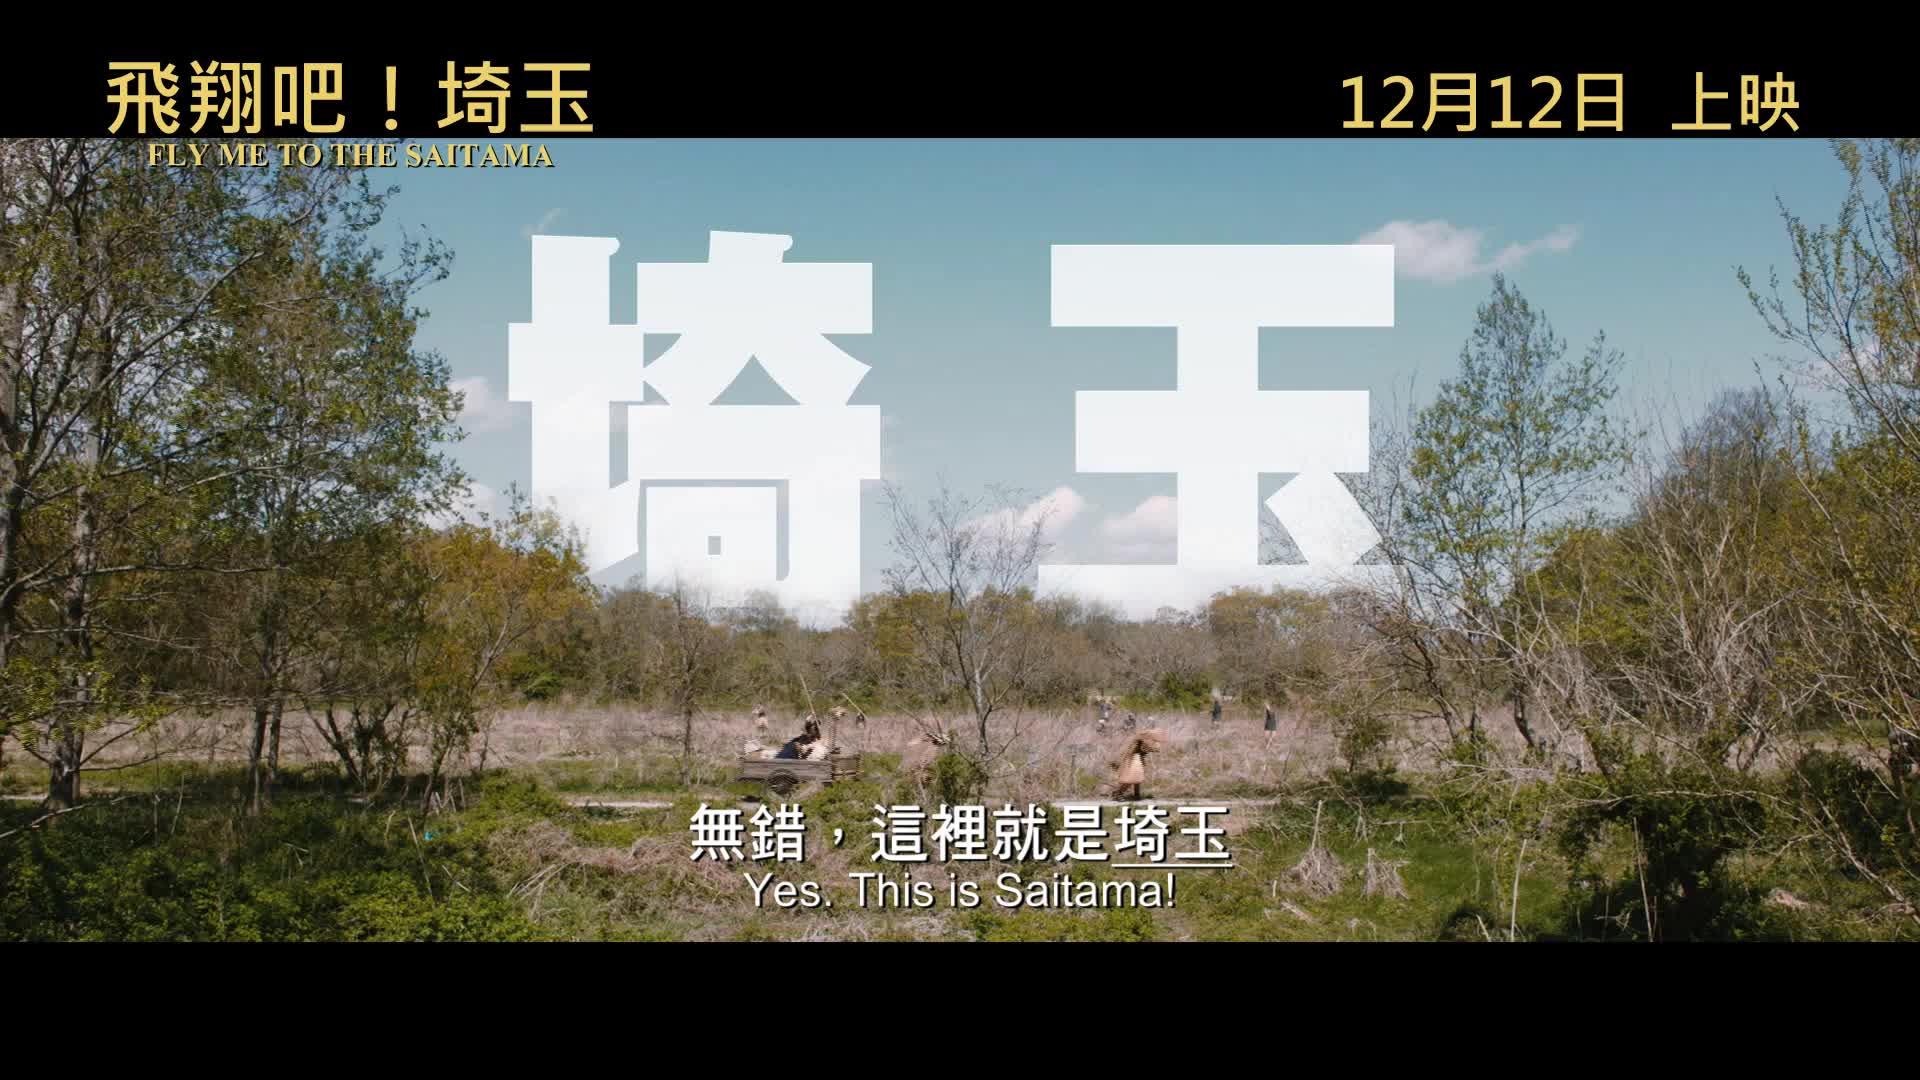 《飛翔吧!埼玉》電影預告